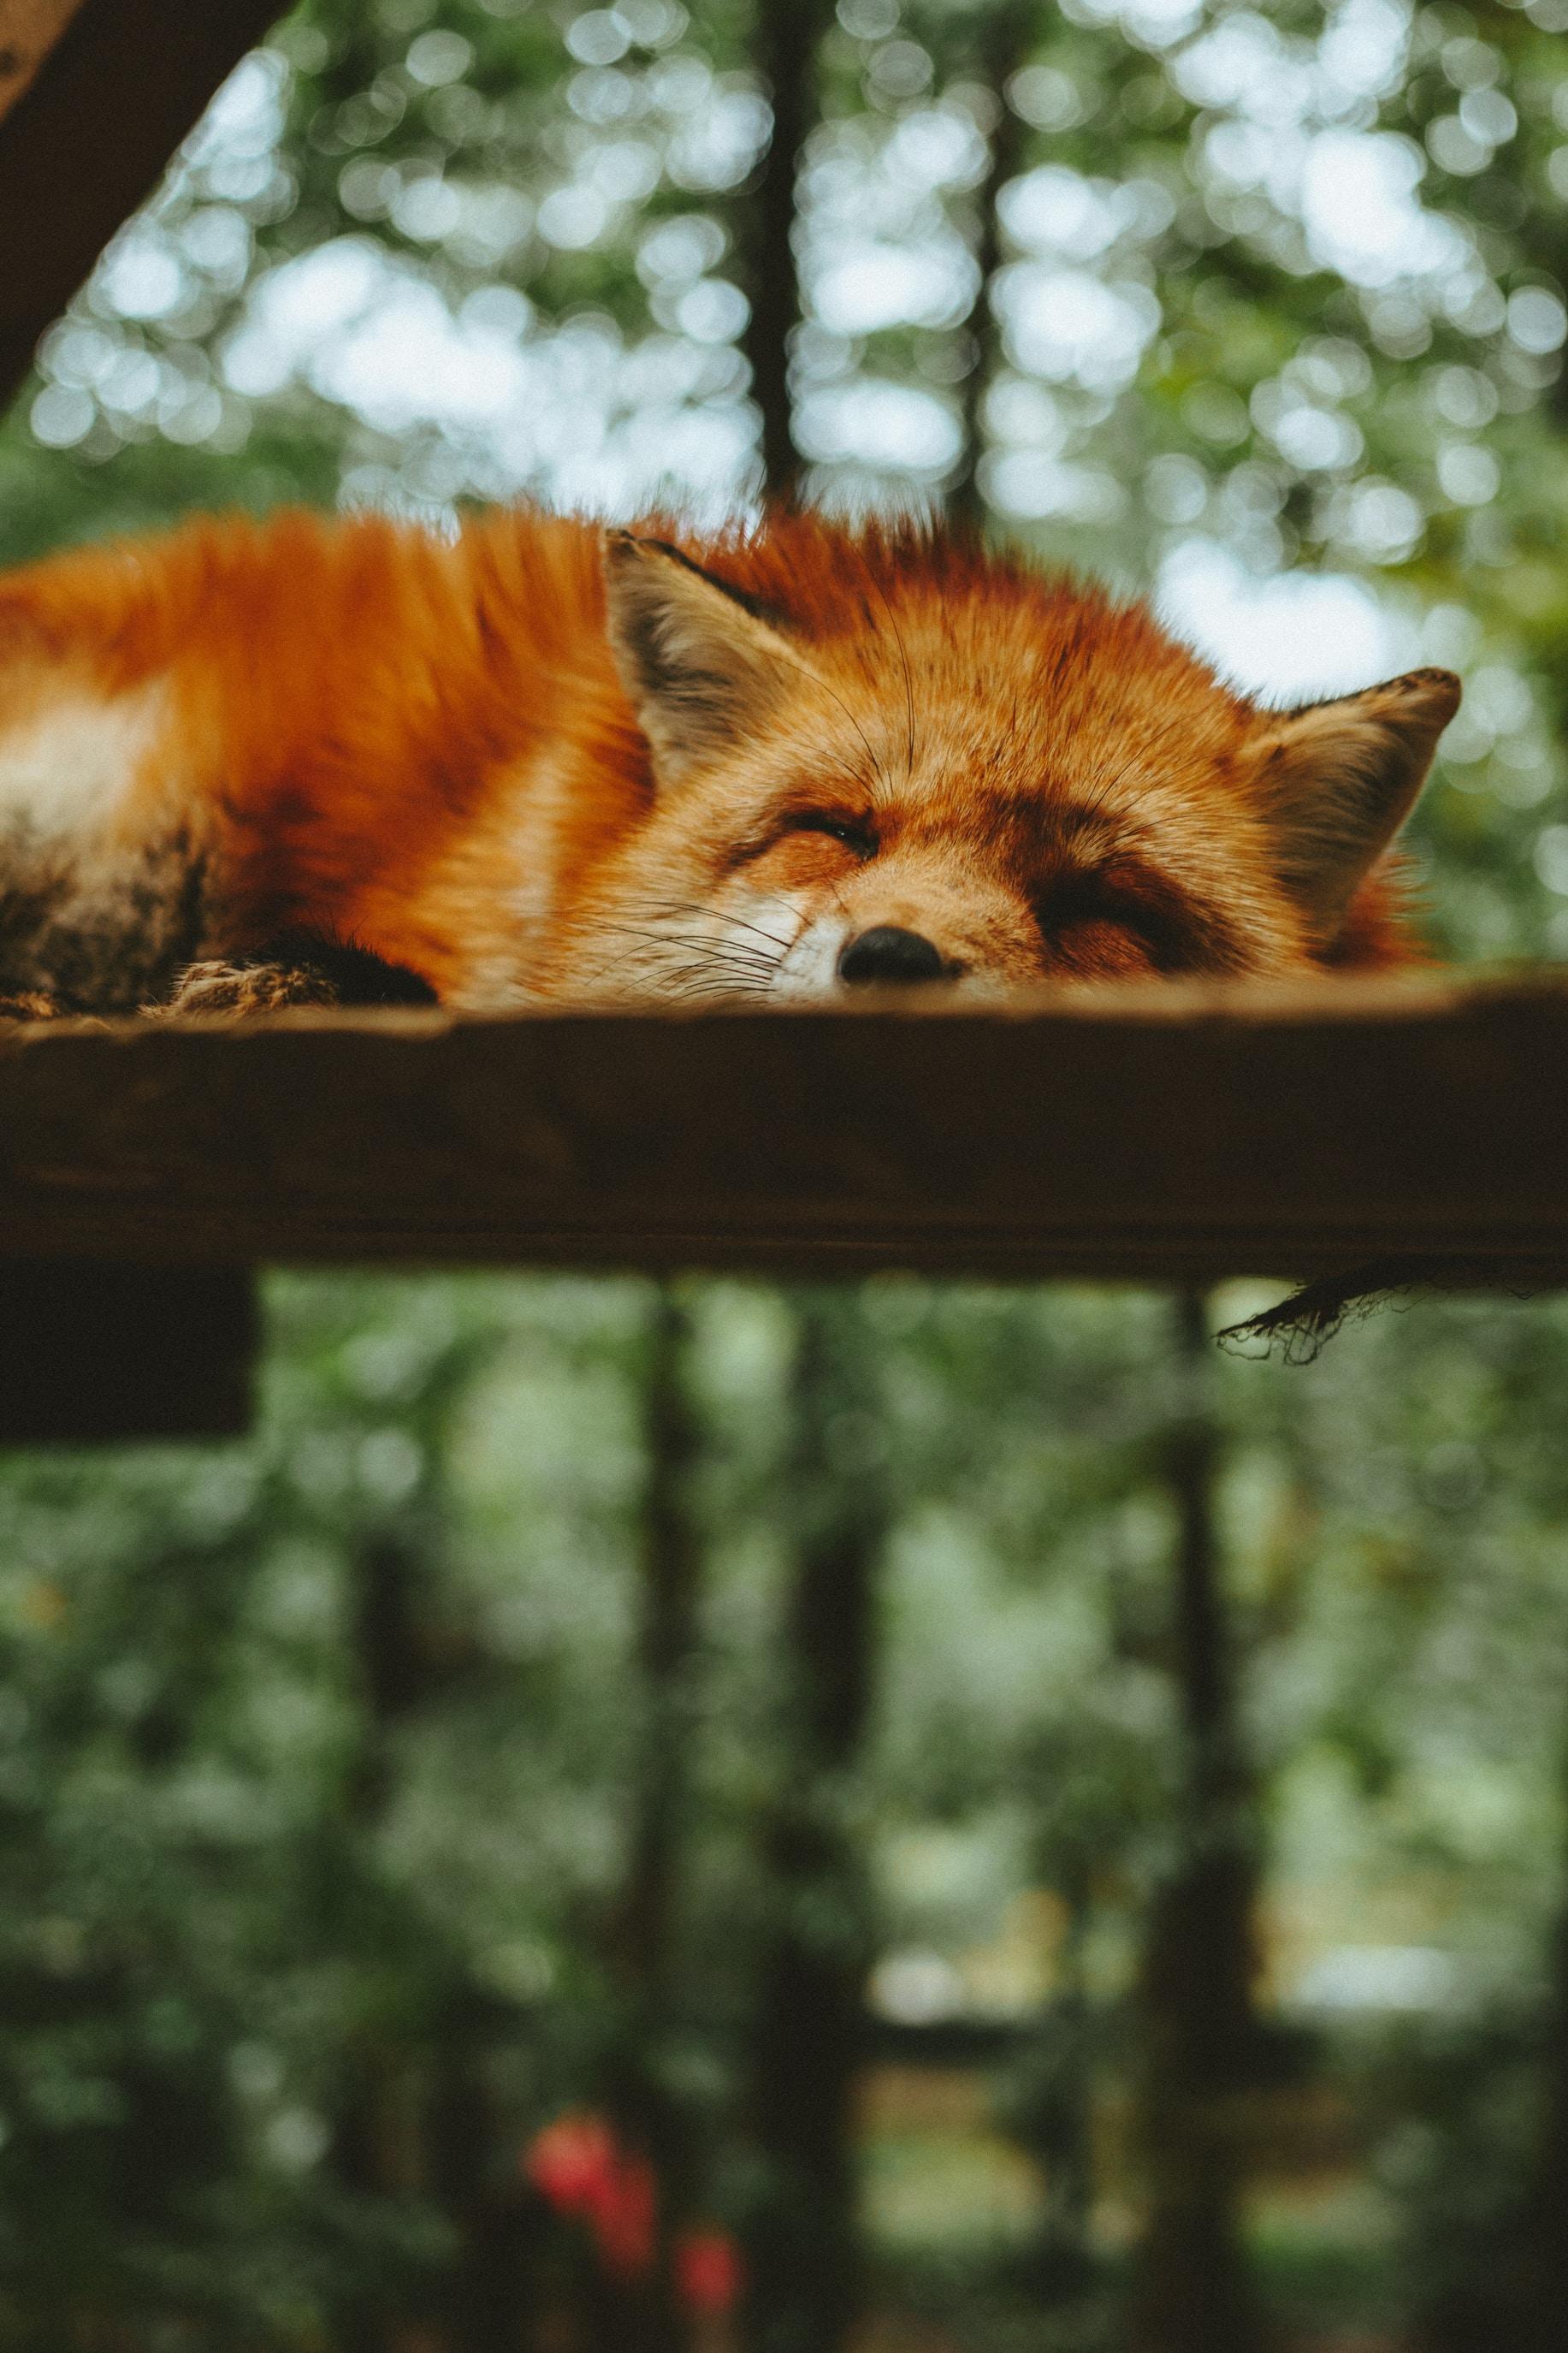 brown fox sleeping on brown wooden plank